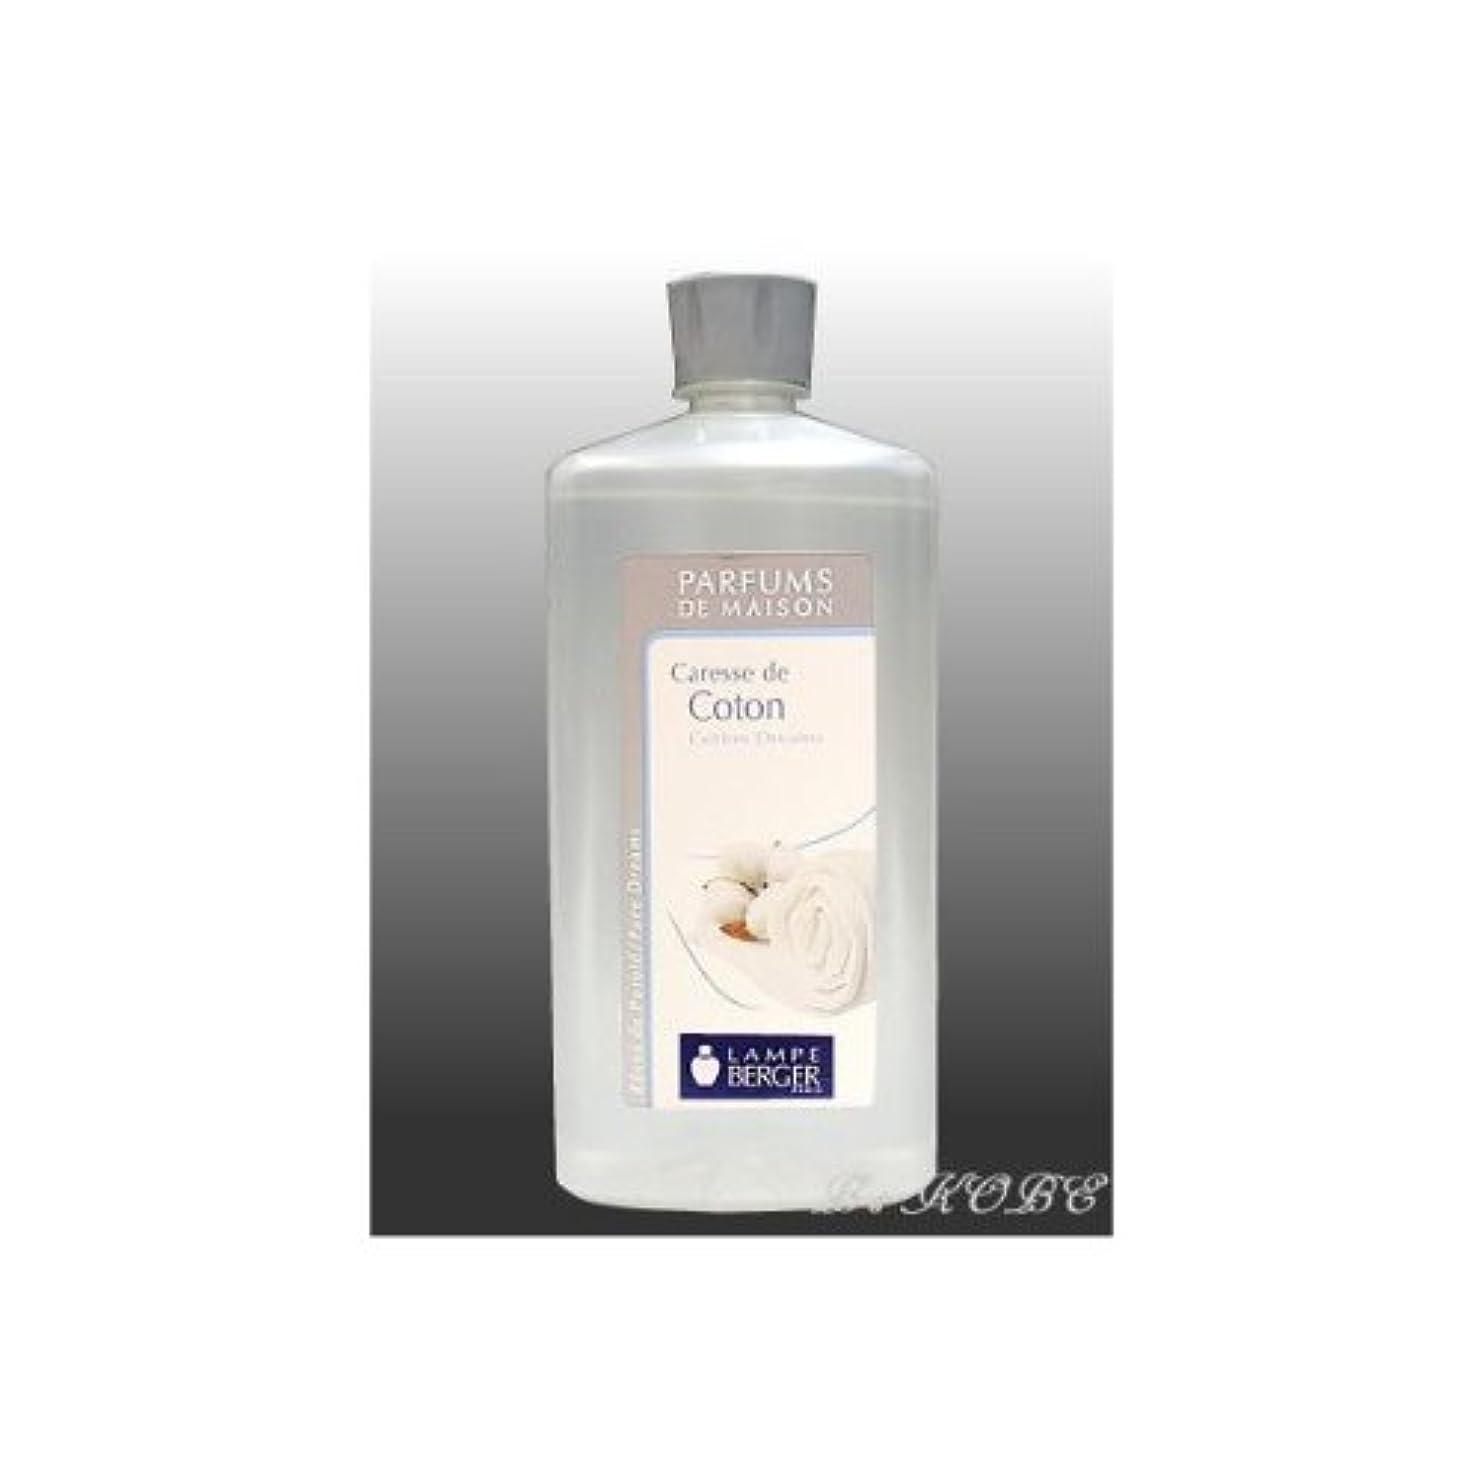 メタン菊専門化する( ランプベルジェ ) Lampe Berger フランス版 アロマオイル Caresse de Coton / コットン 1L